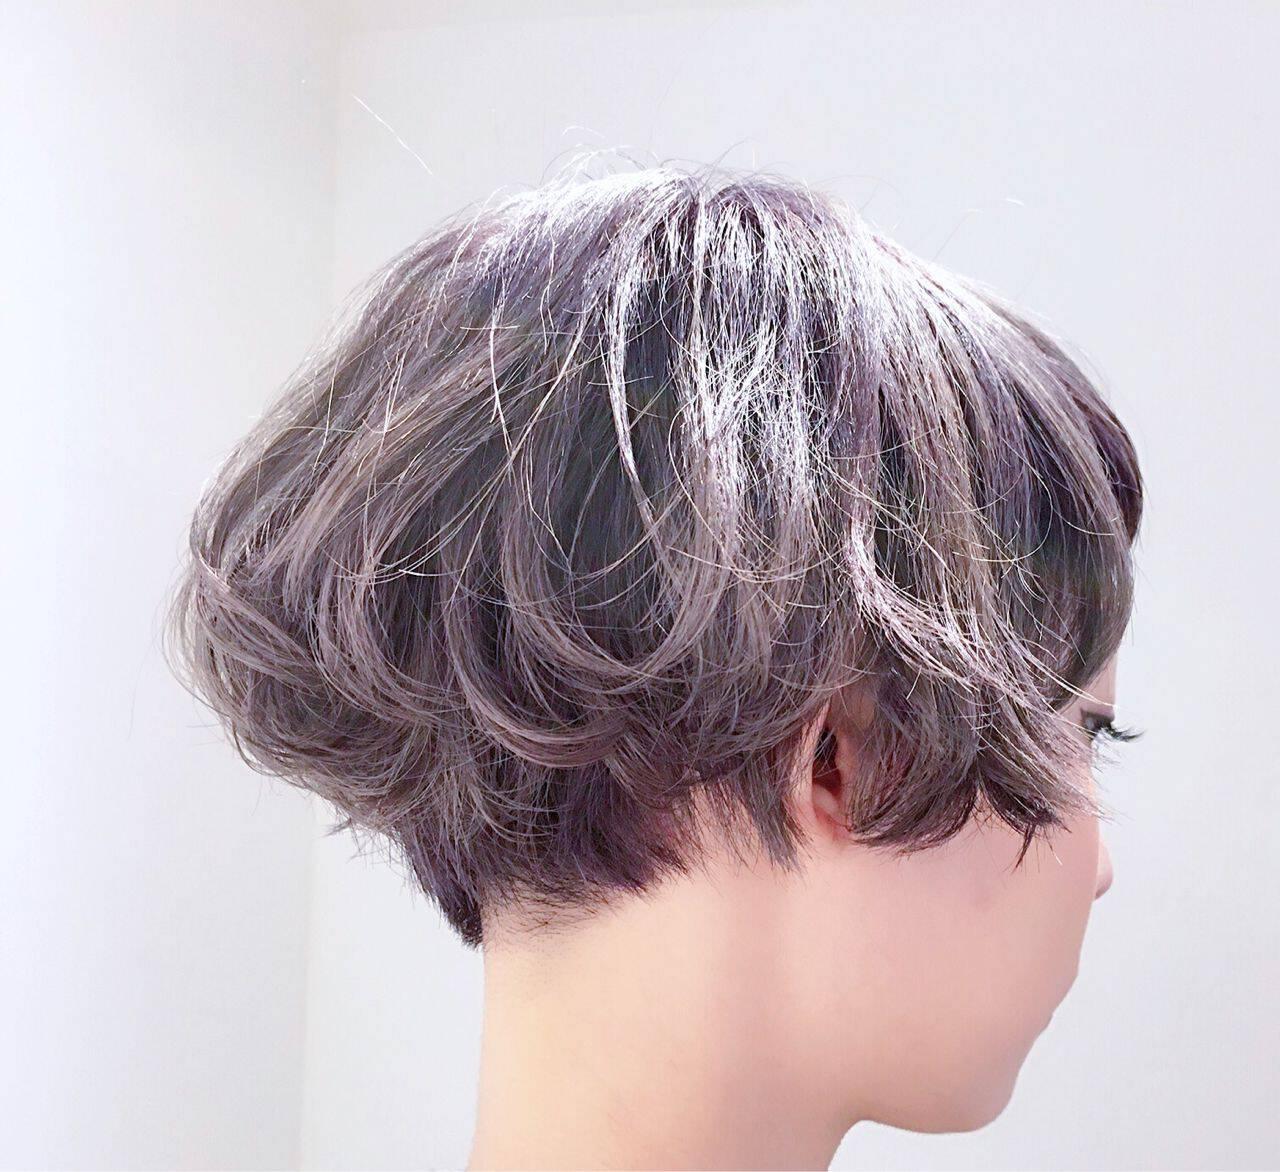 卵型 ハイライト 暗髪 グレーヘアスタイルや髪型の写真・画像